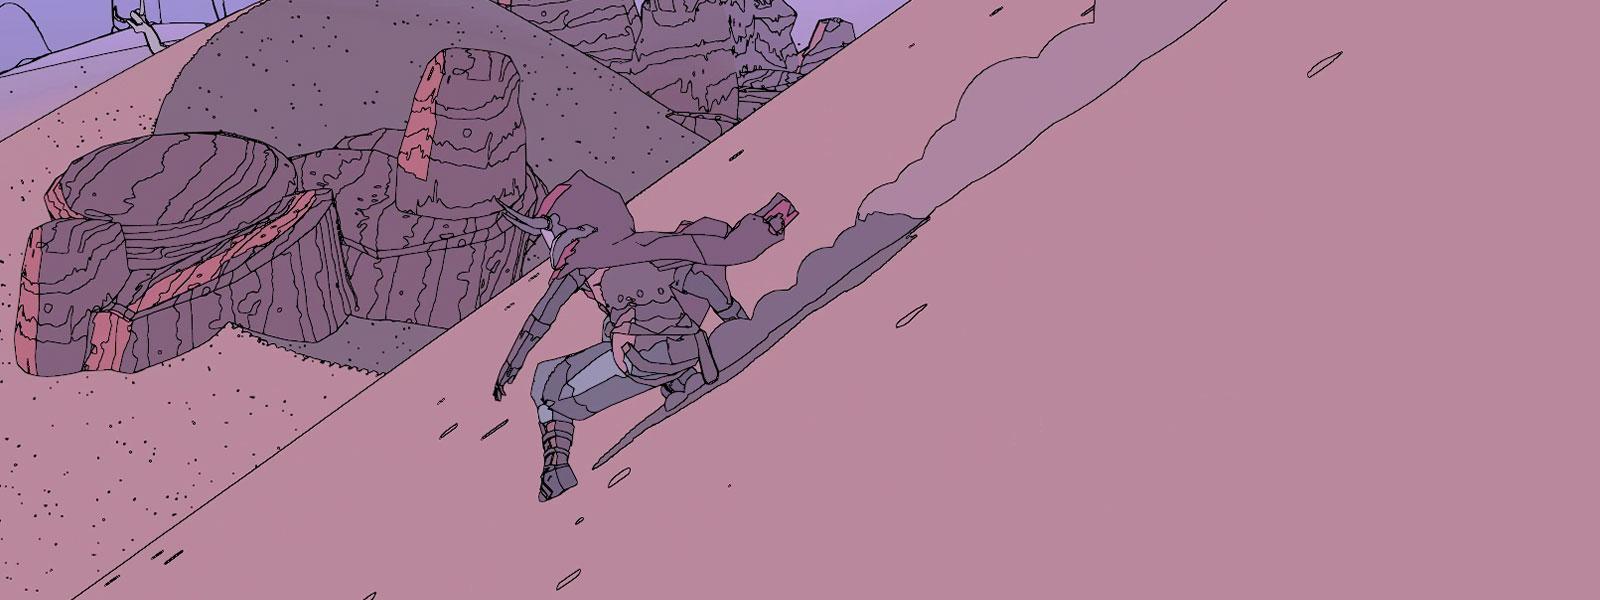 Sable glijdend van de zijkant van een heuvel met heuvels van rotsen en een toren op de achtergrond